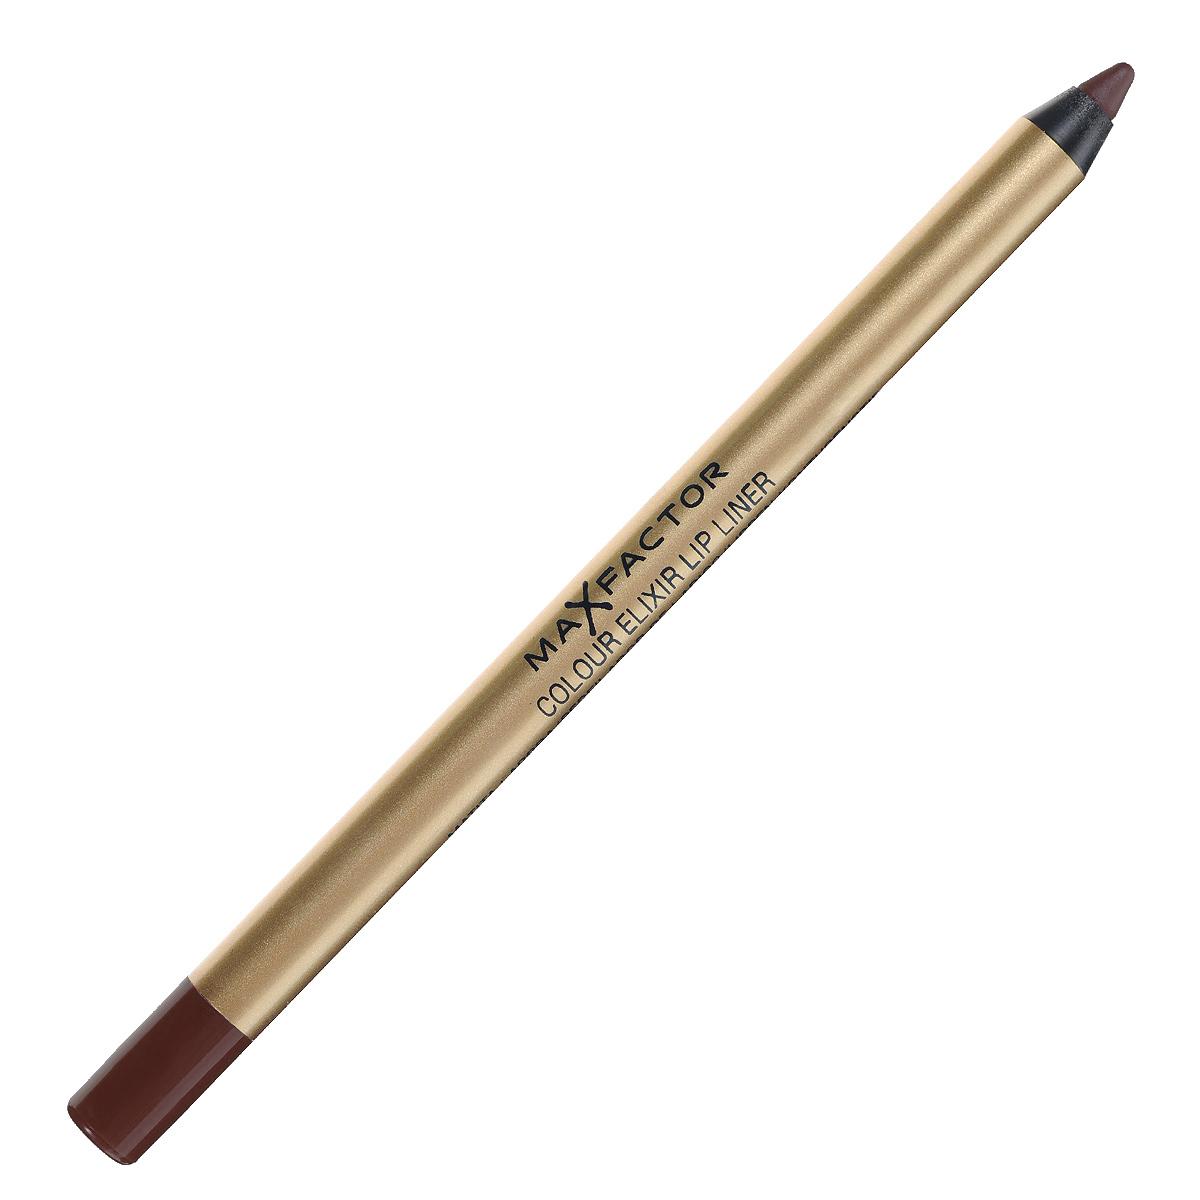 Max Factor Карандаш для губ Colour Elixir Lip Liner, тон №16 brown n bold, цвет: коричневый81440174Карандаш для губ Colour Elixir подчеркивает твои губы, придавая им форму.Роскошный цвет и увлажнение для мягких и гладких губ. Оттенки подходят к палитре помады Colour Elixir. Легко наносится.Товар сертифицирован.